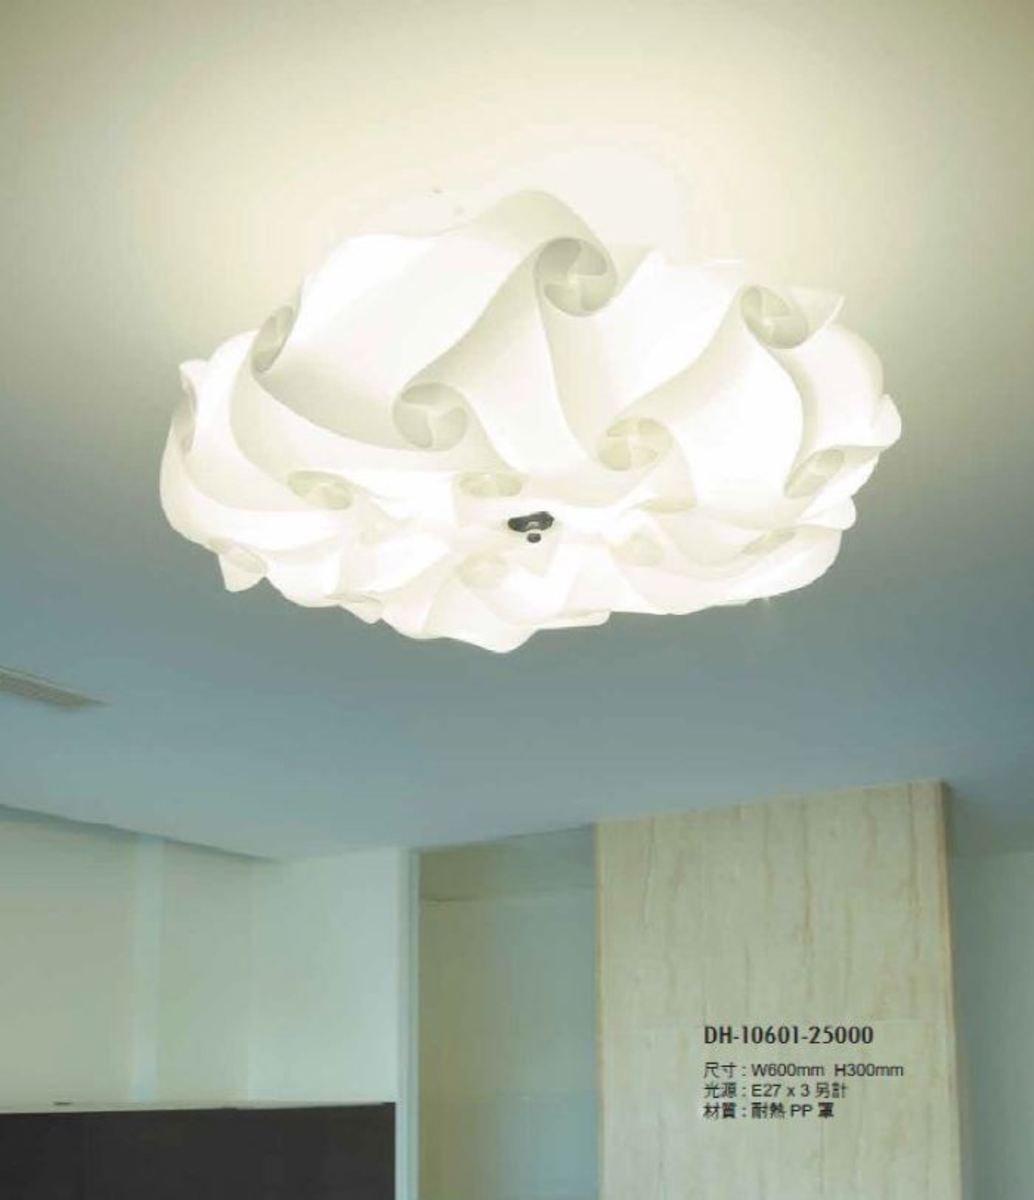 台灣舞光(居家照明)-半吸燈 (DH10601)